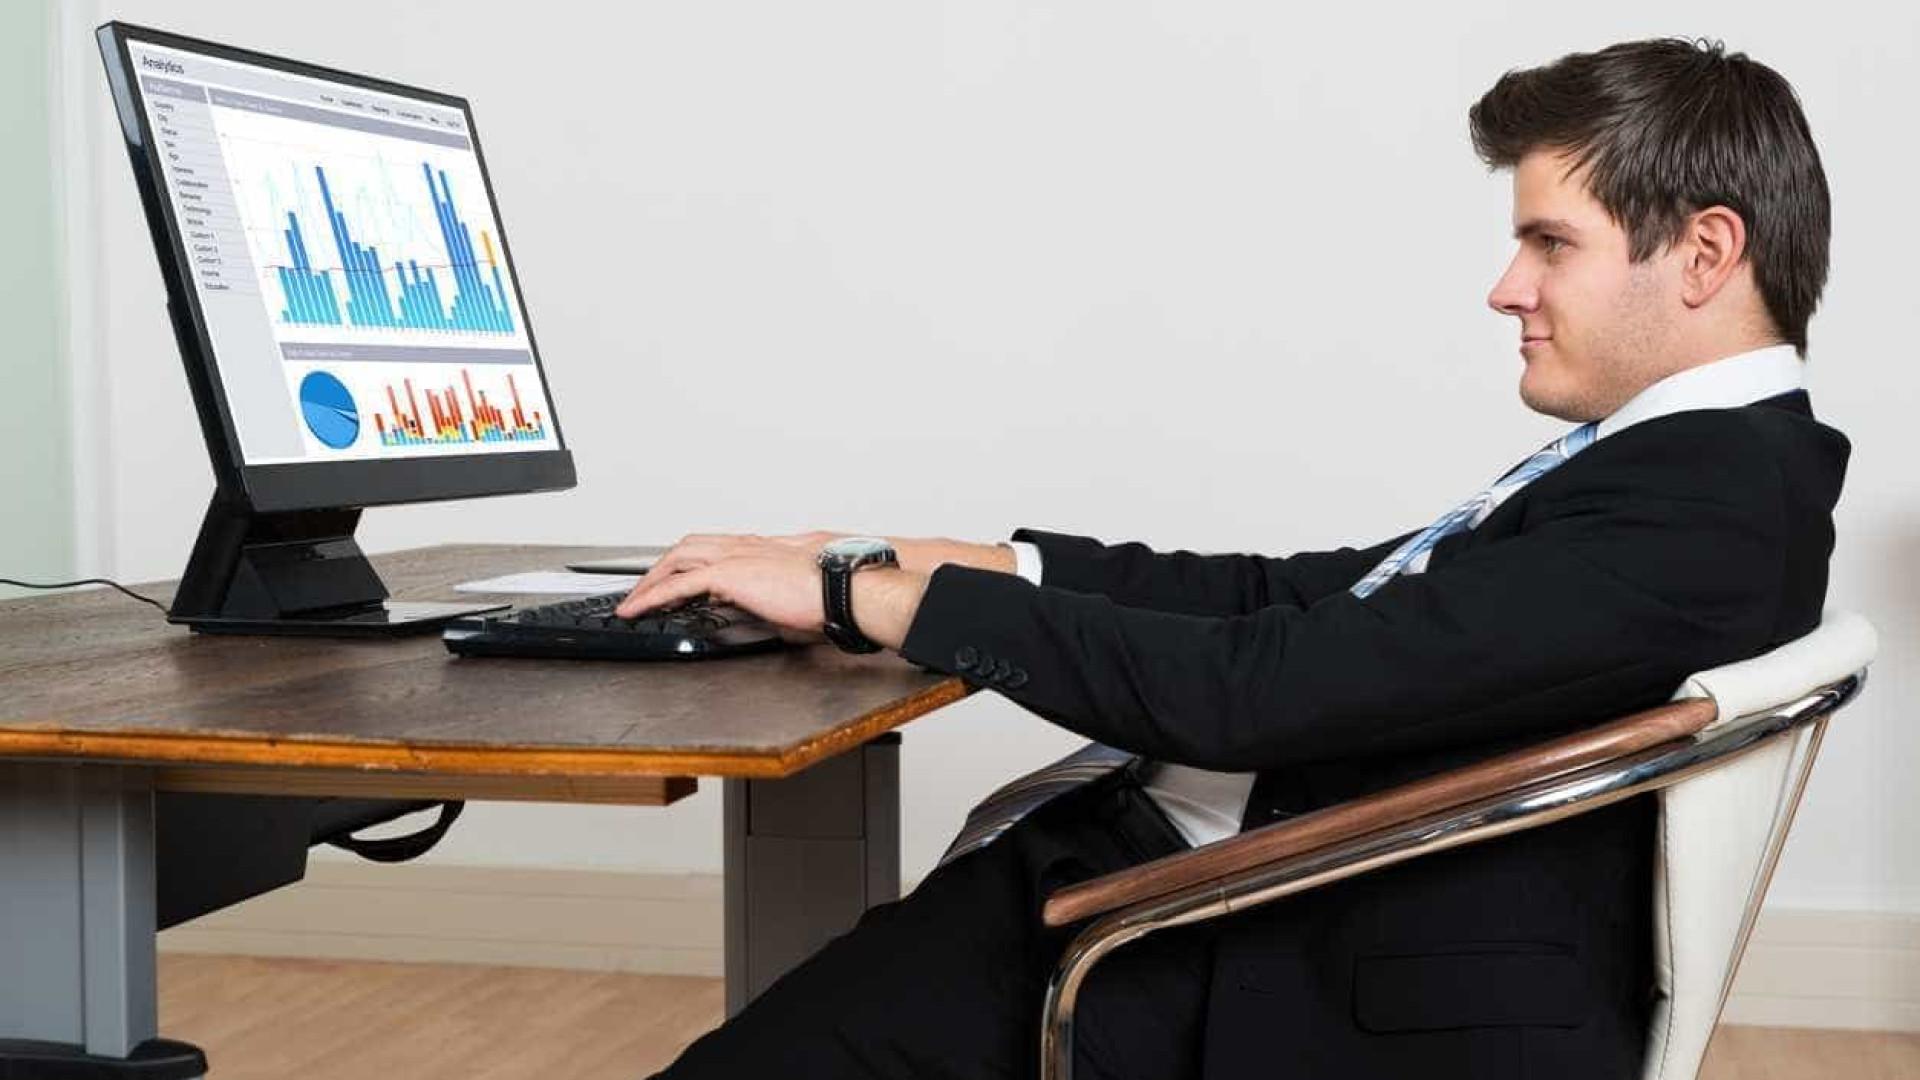 11 possíveis consequências da má postura